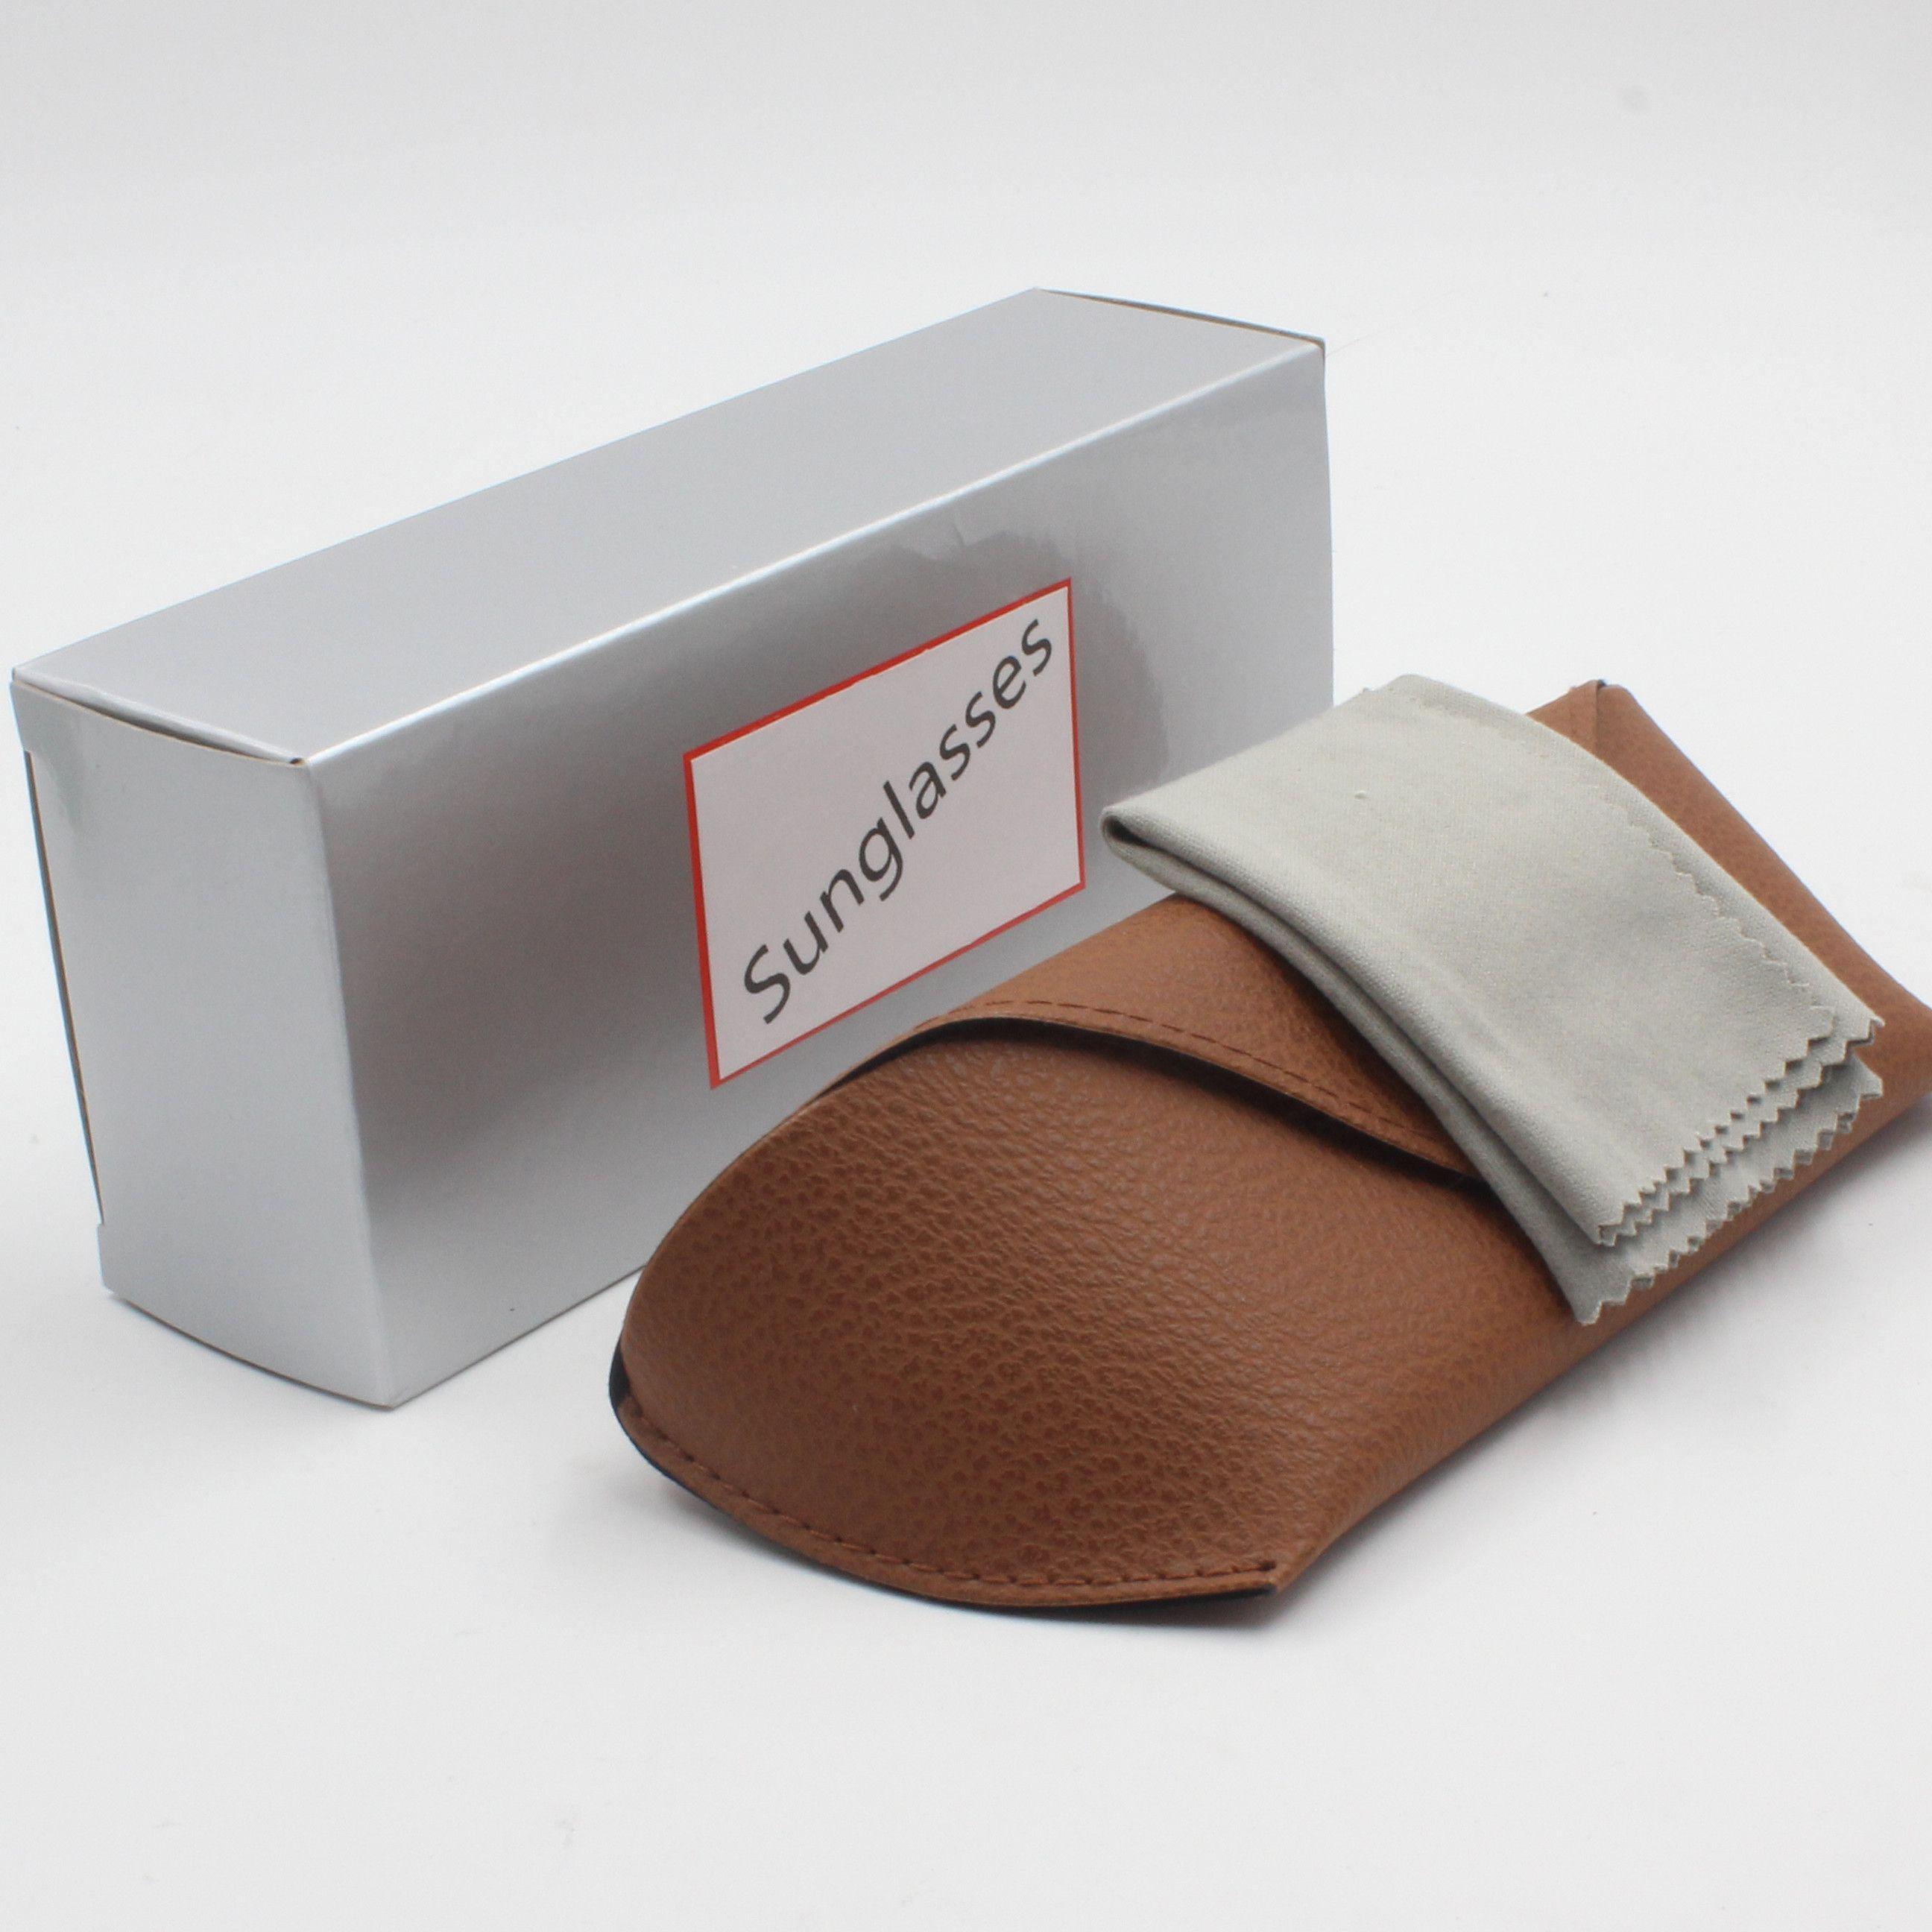 Atacado-Novo de proteção da lente moda de alta qualidade retro designer de marca senhora macho quadro sungla 50 milímetros marrom vidro UV400 caixa marrom